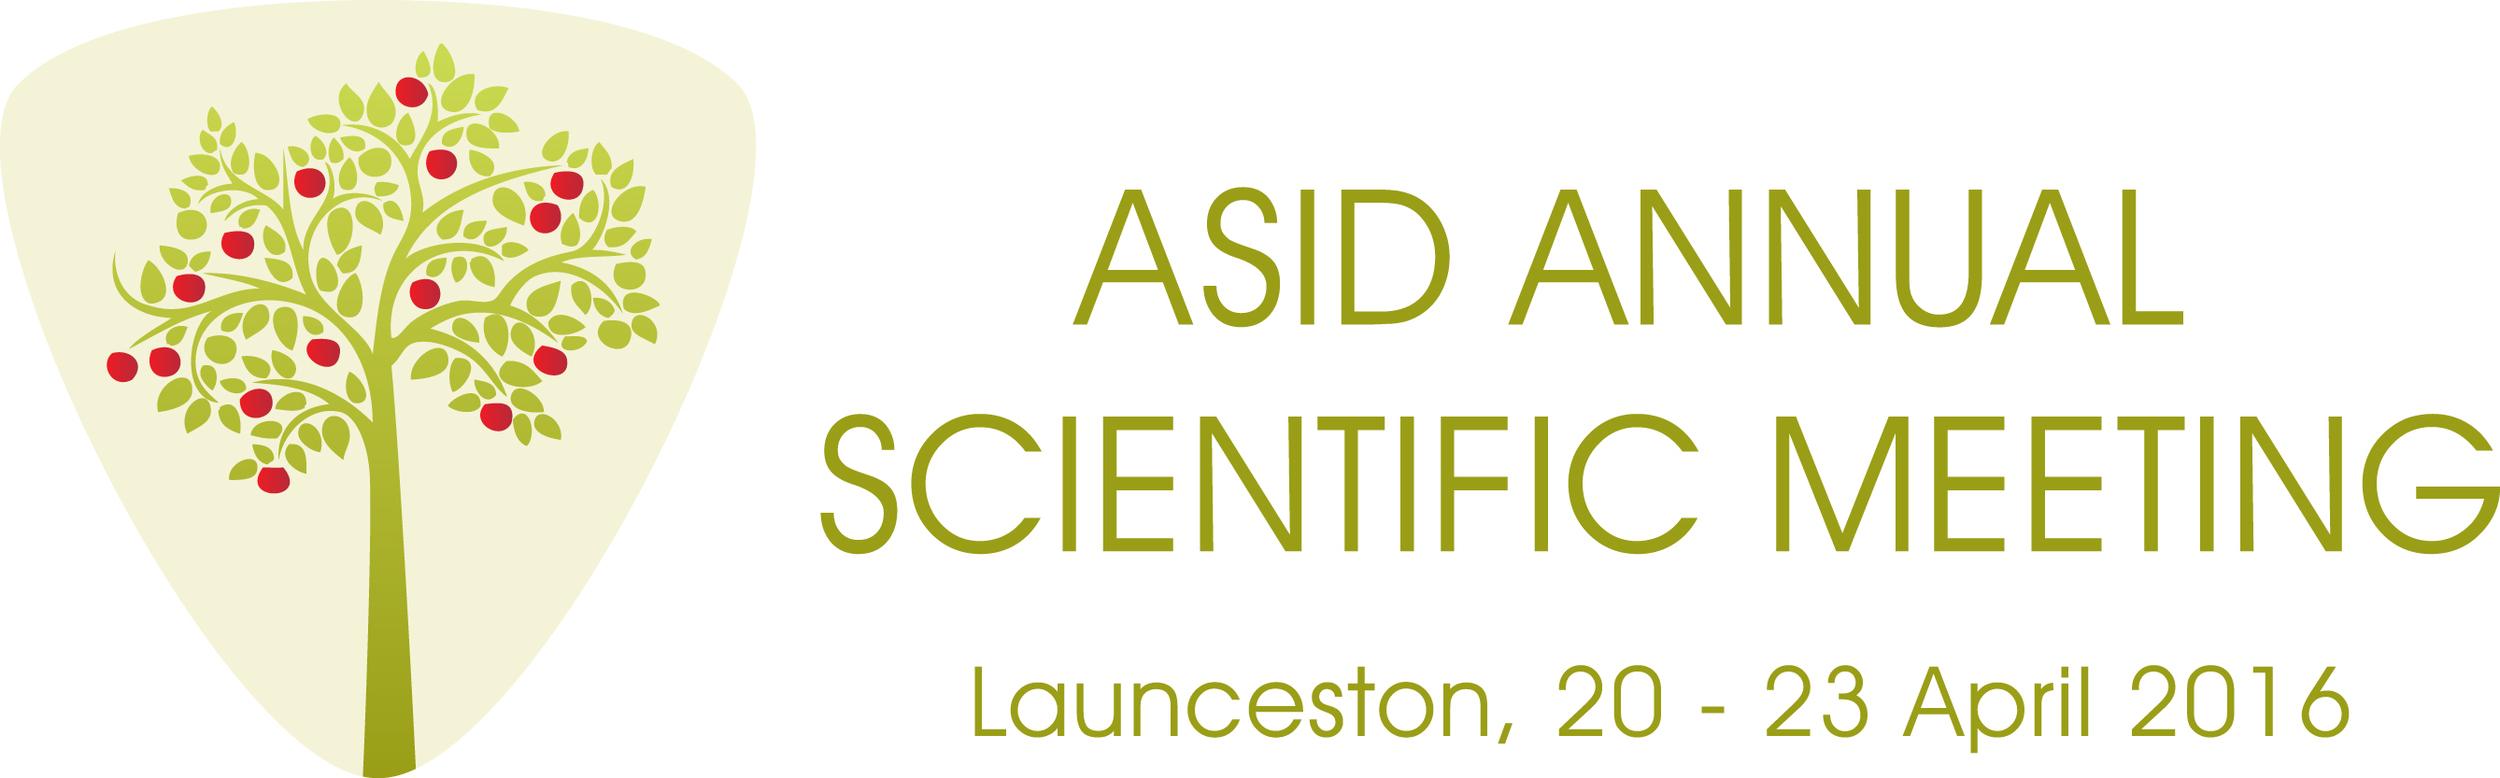 ASID ASM banner